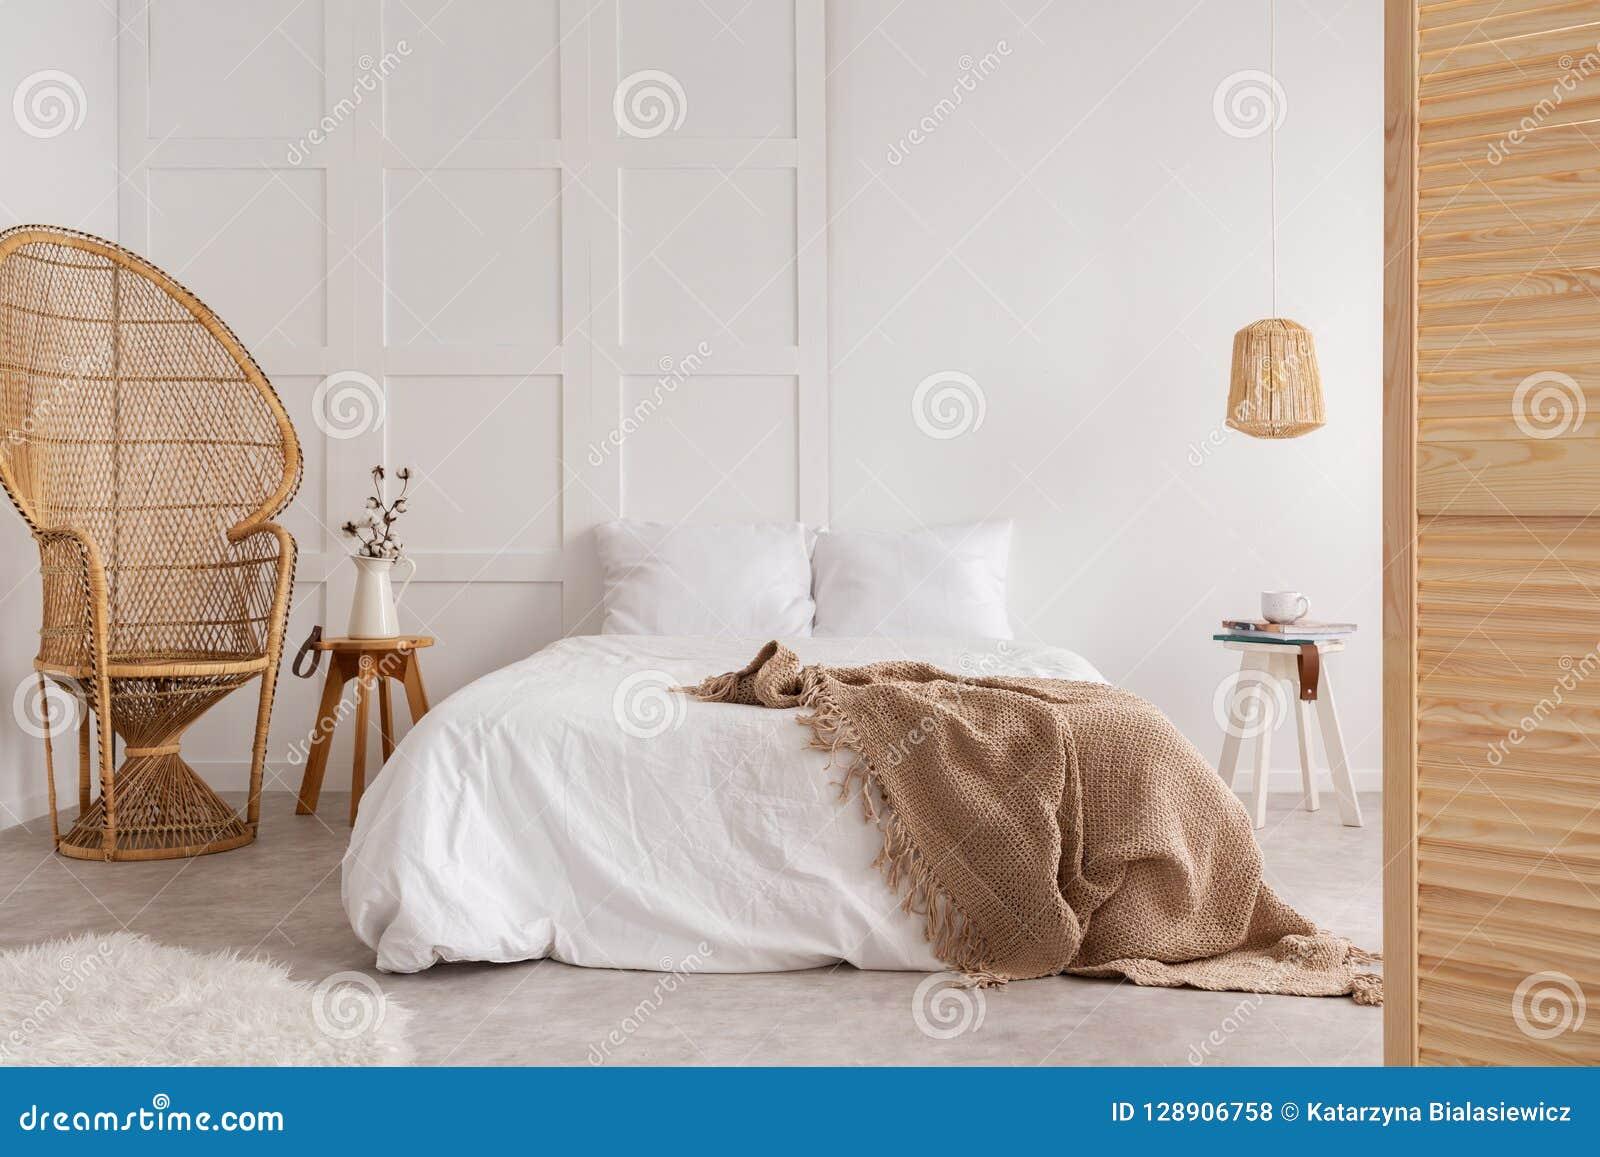 Καρέκλα ινδικού καλάμου και ξύλινος πίνακας δίπλα στο κρεβάτι με το καφετί κάλυμμα στο άσπρο εσωτερικό κρεβατοκάμαρων Πραγματική